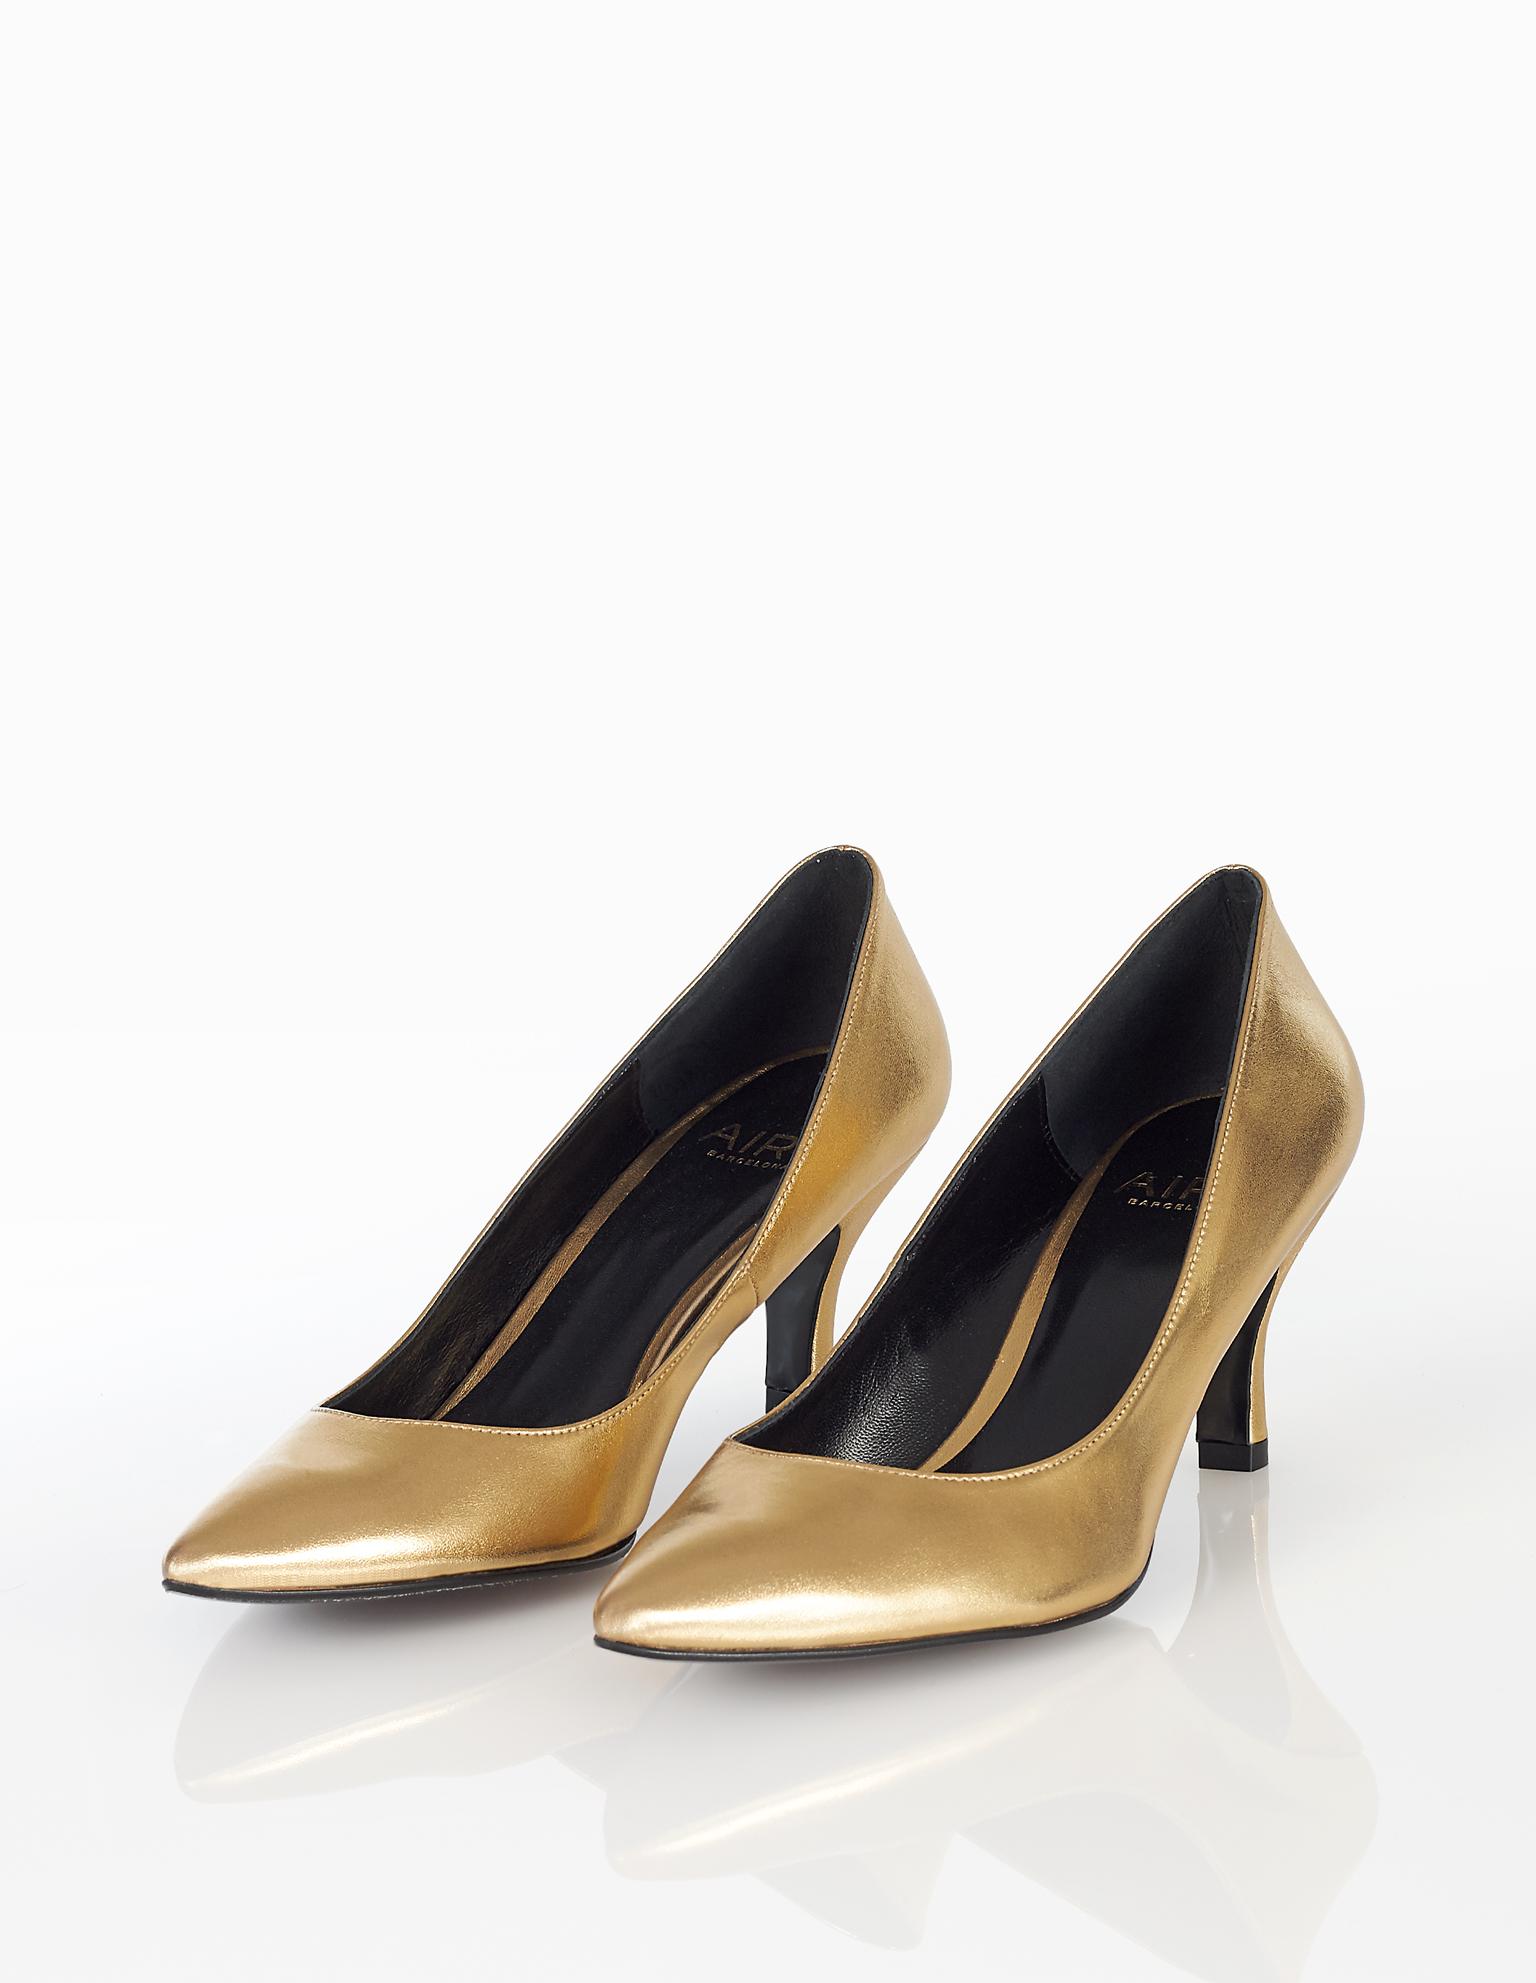 Sapatos de cocktail estilo baile, de pele com salto baixo, disponíveis em dourado e cor de duna. Coleção FIESTA AIRE BARCELONA 2018.